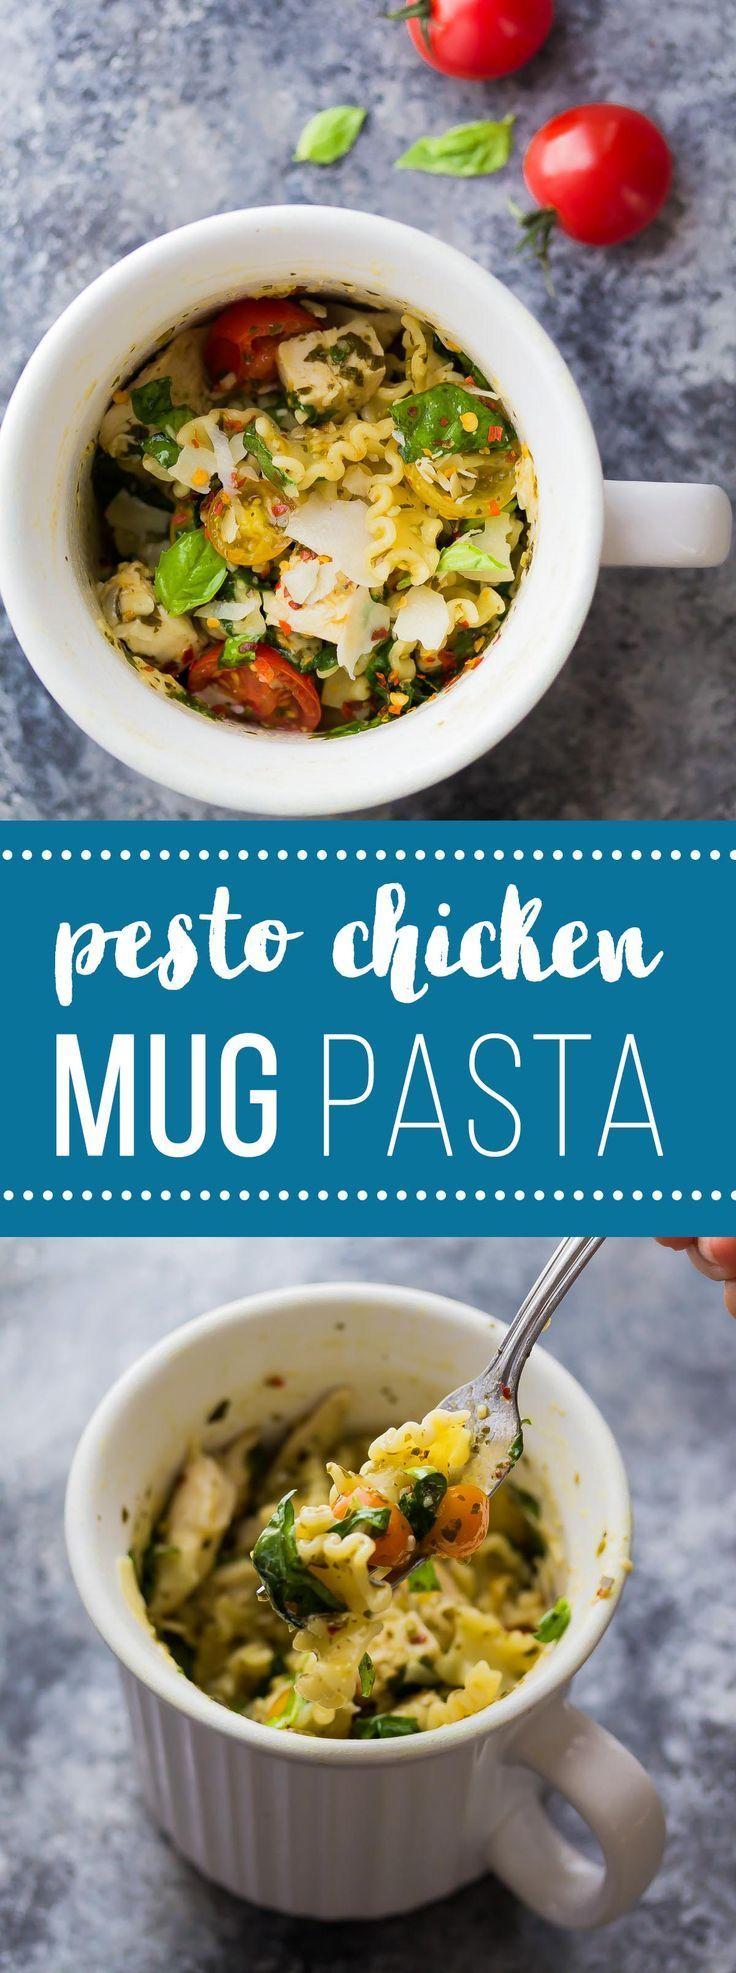 Die besten 17 Bilder zu Awesome things. auf Pinterest | Kochen ...